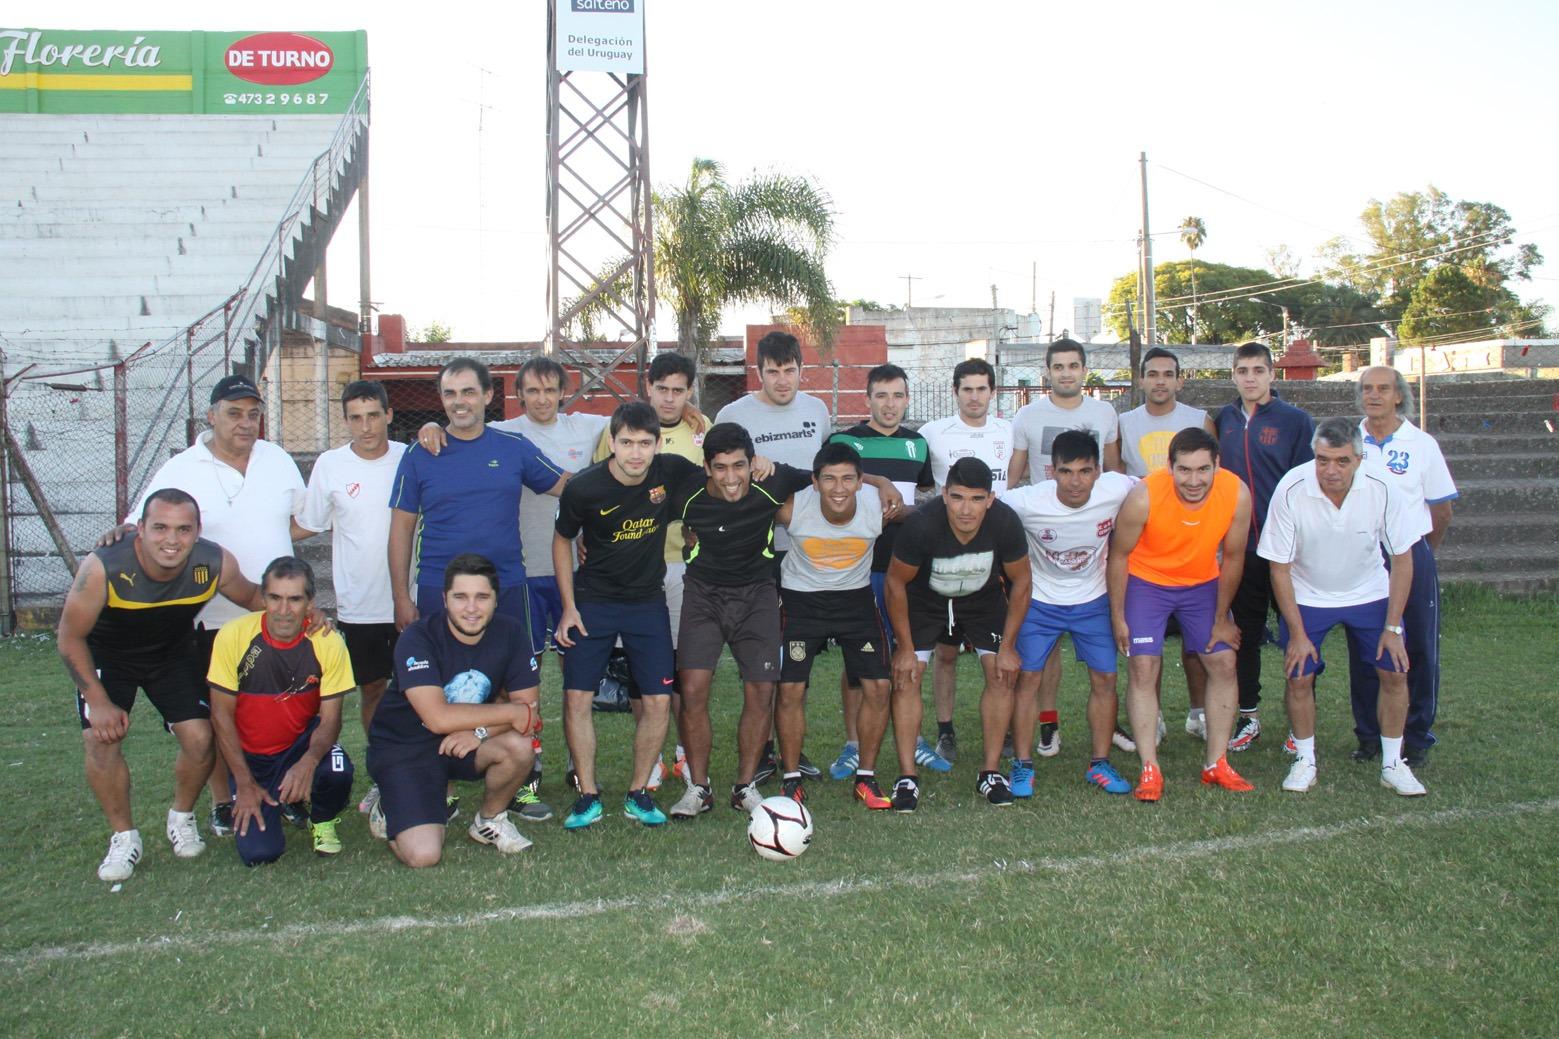 Los jugadores y cuerpo técnico de la Seleccion de Salto, ayer por la tarde  en su primer entrenamiento oficial en el Estadio Ernesto Dickinson